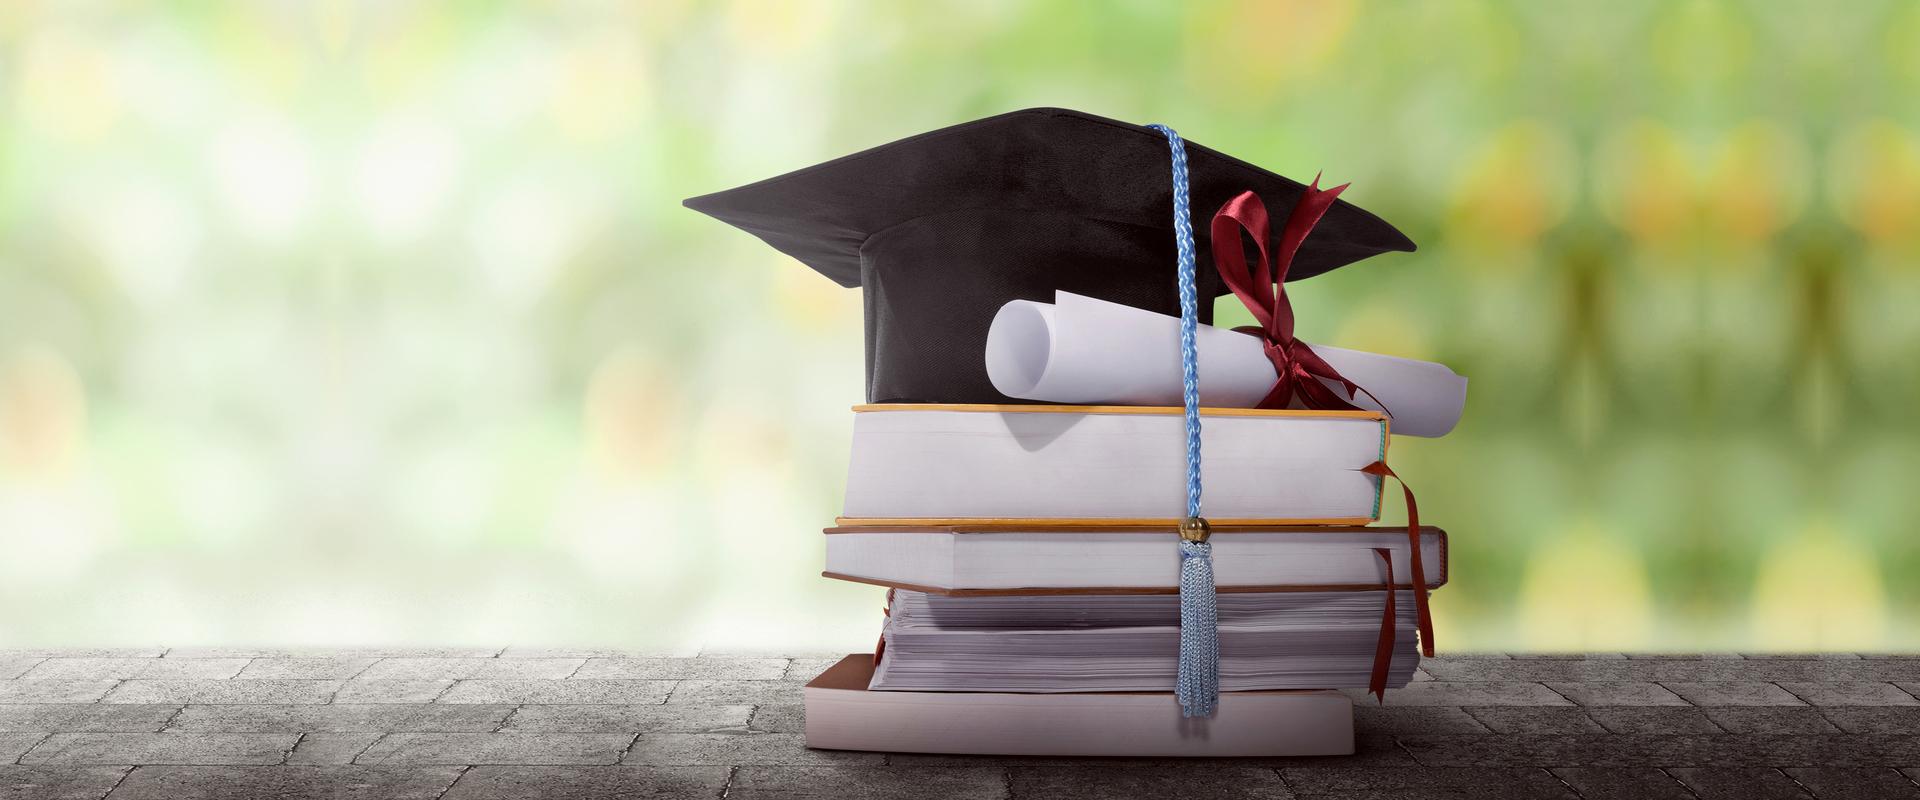 SDBIF Educational Scholarships